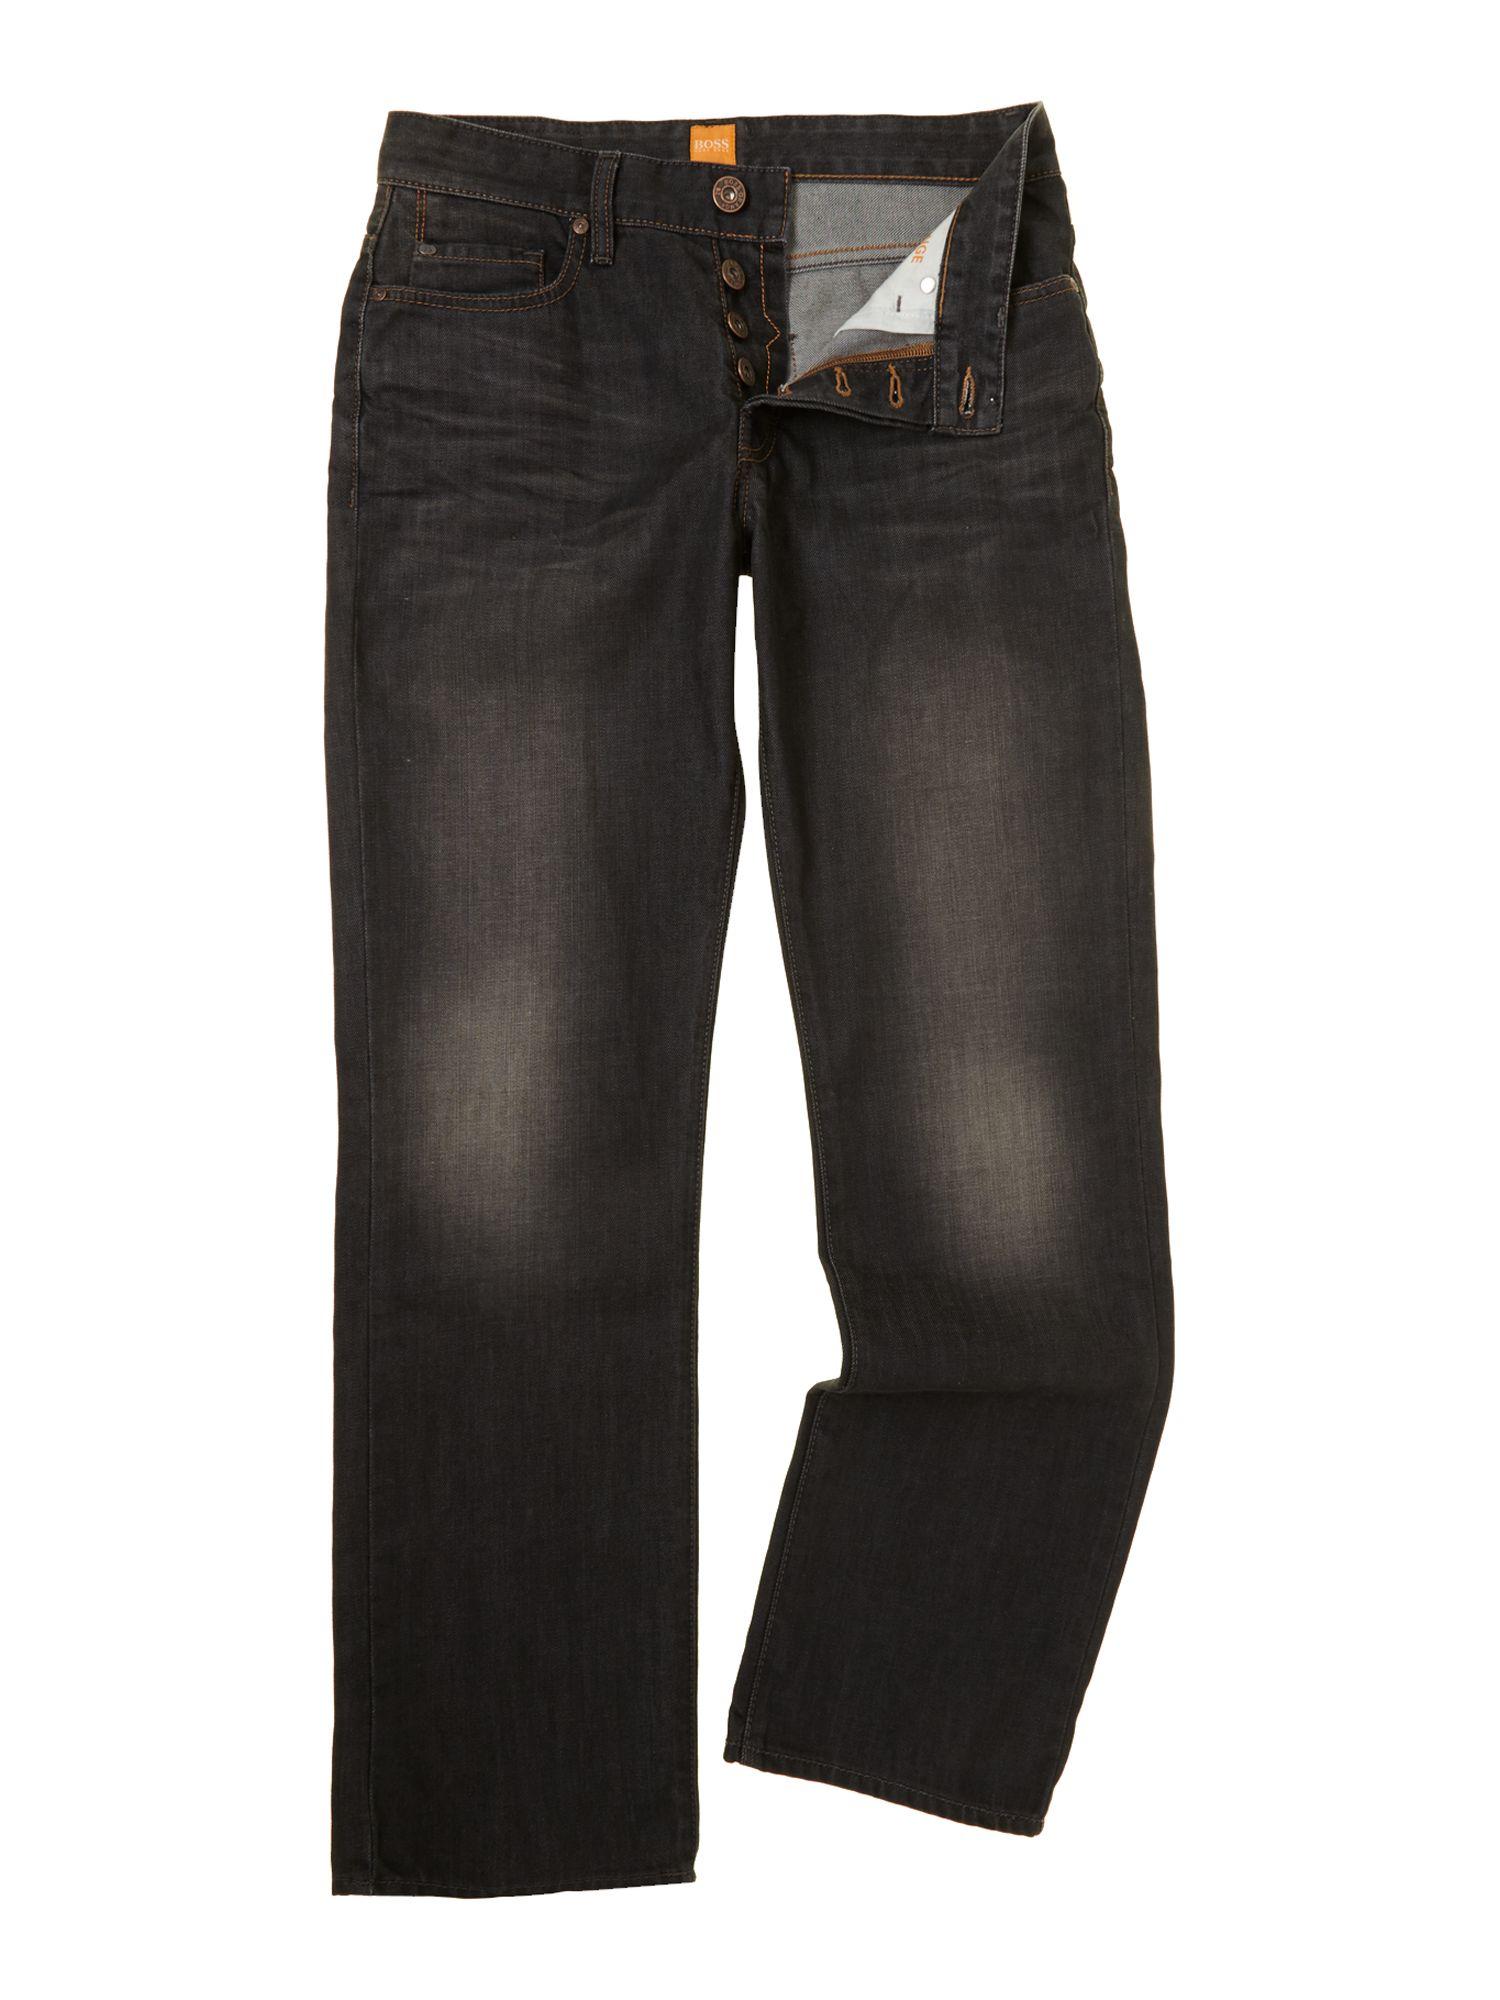 hugo boss orange 25 jeans in black for men denim lyst. Black Bedroom Furniture Sets. Home Design Ideas